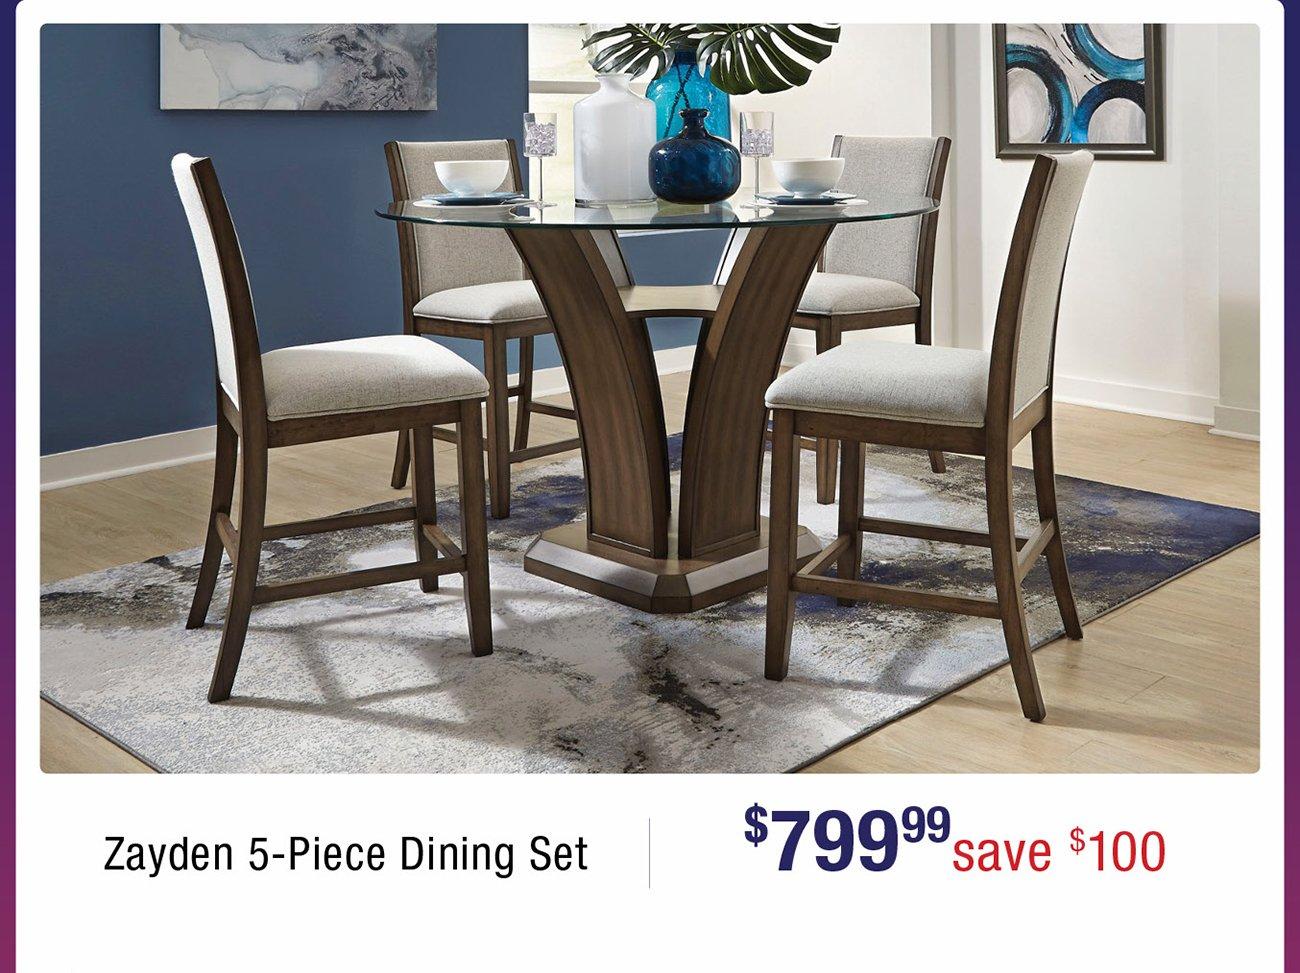 Zayden-dining-set